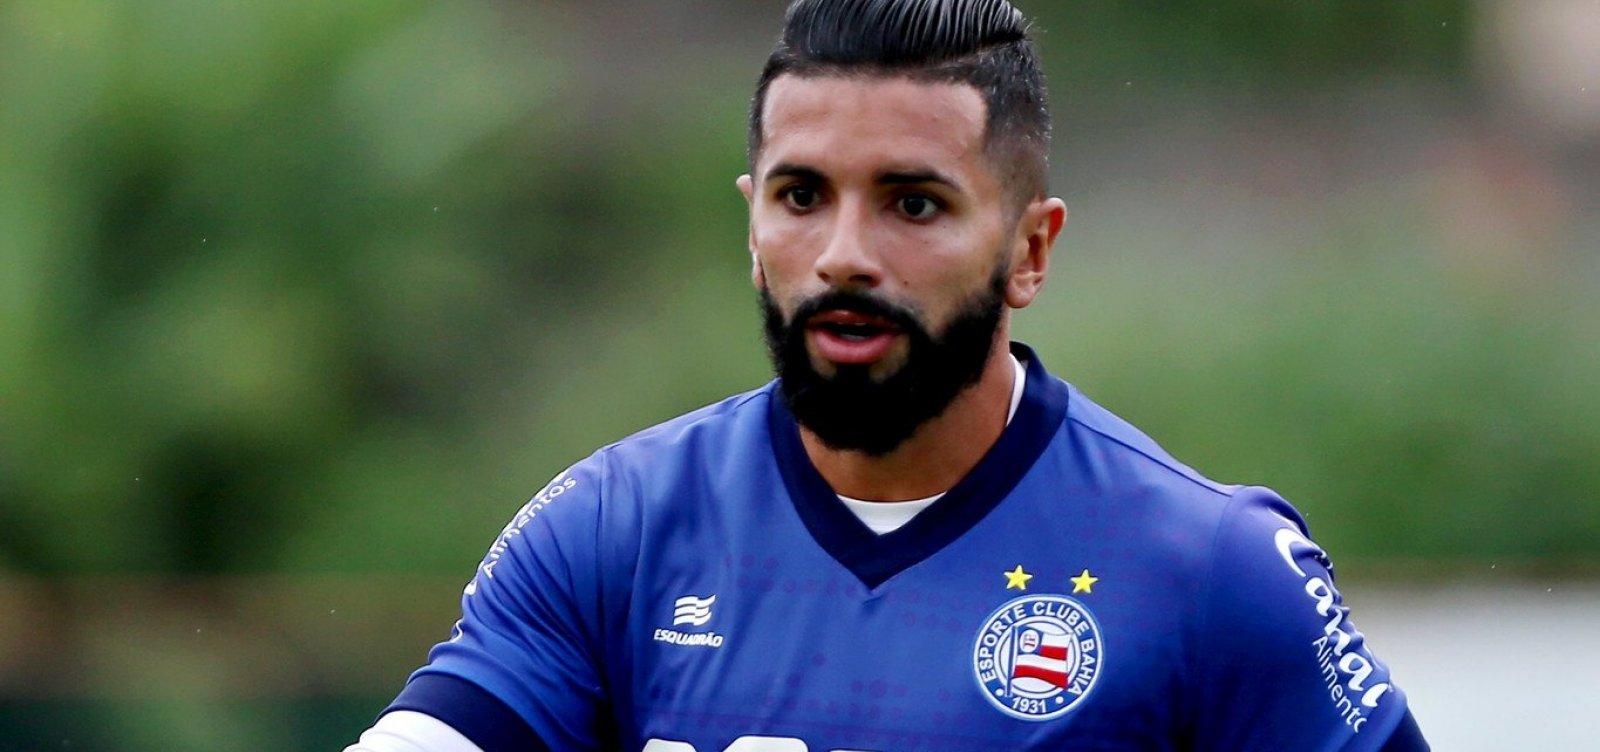 Após 'veto', Guilherme pode ganhar nova chance no Bahia